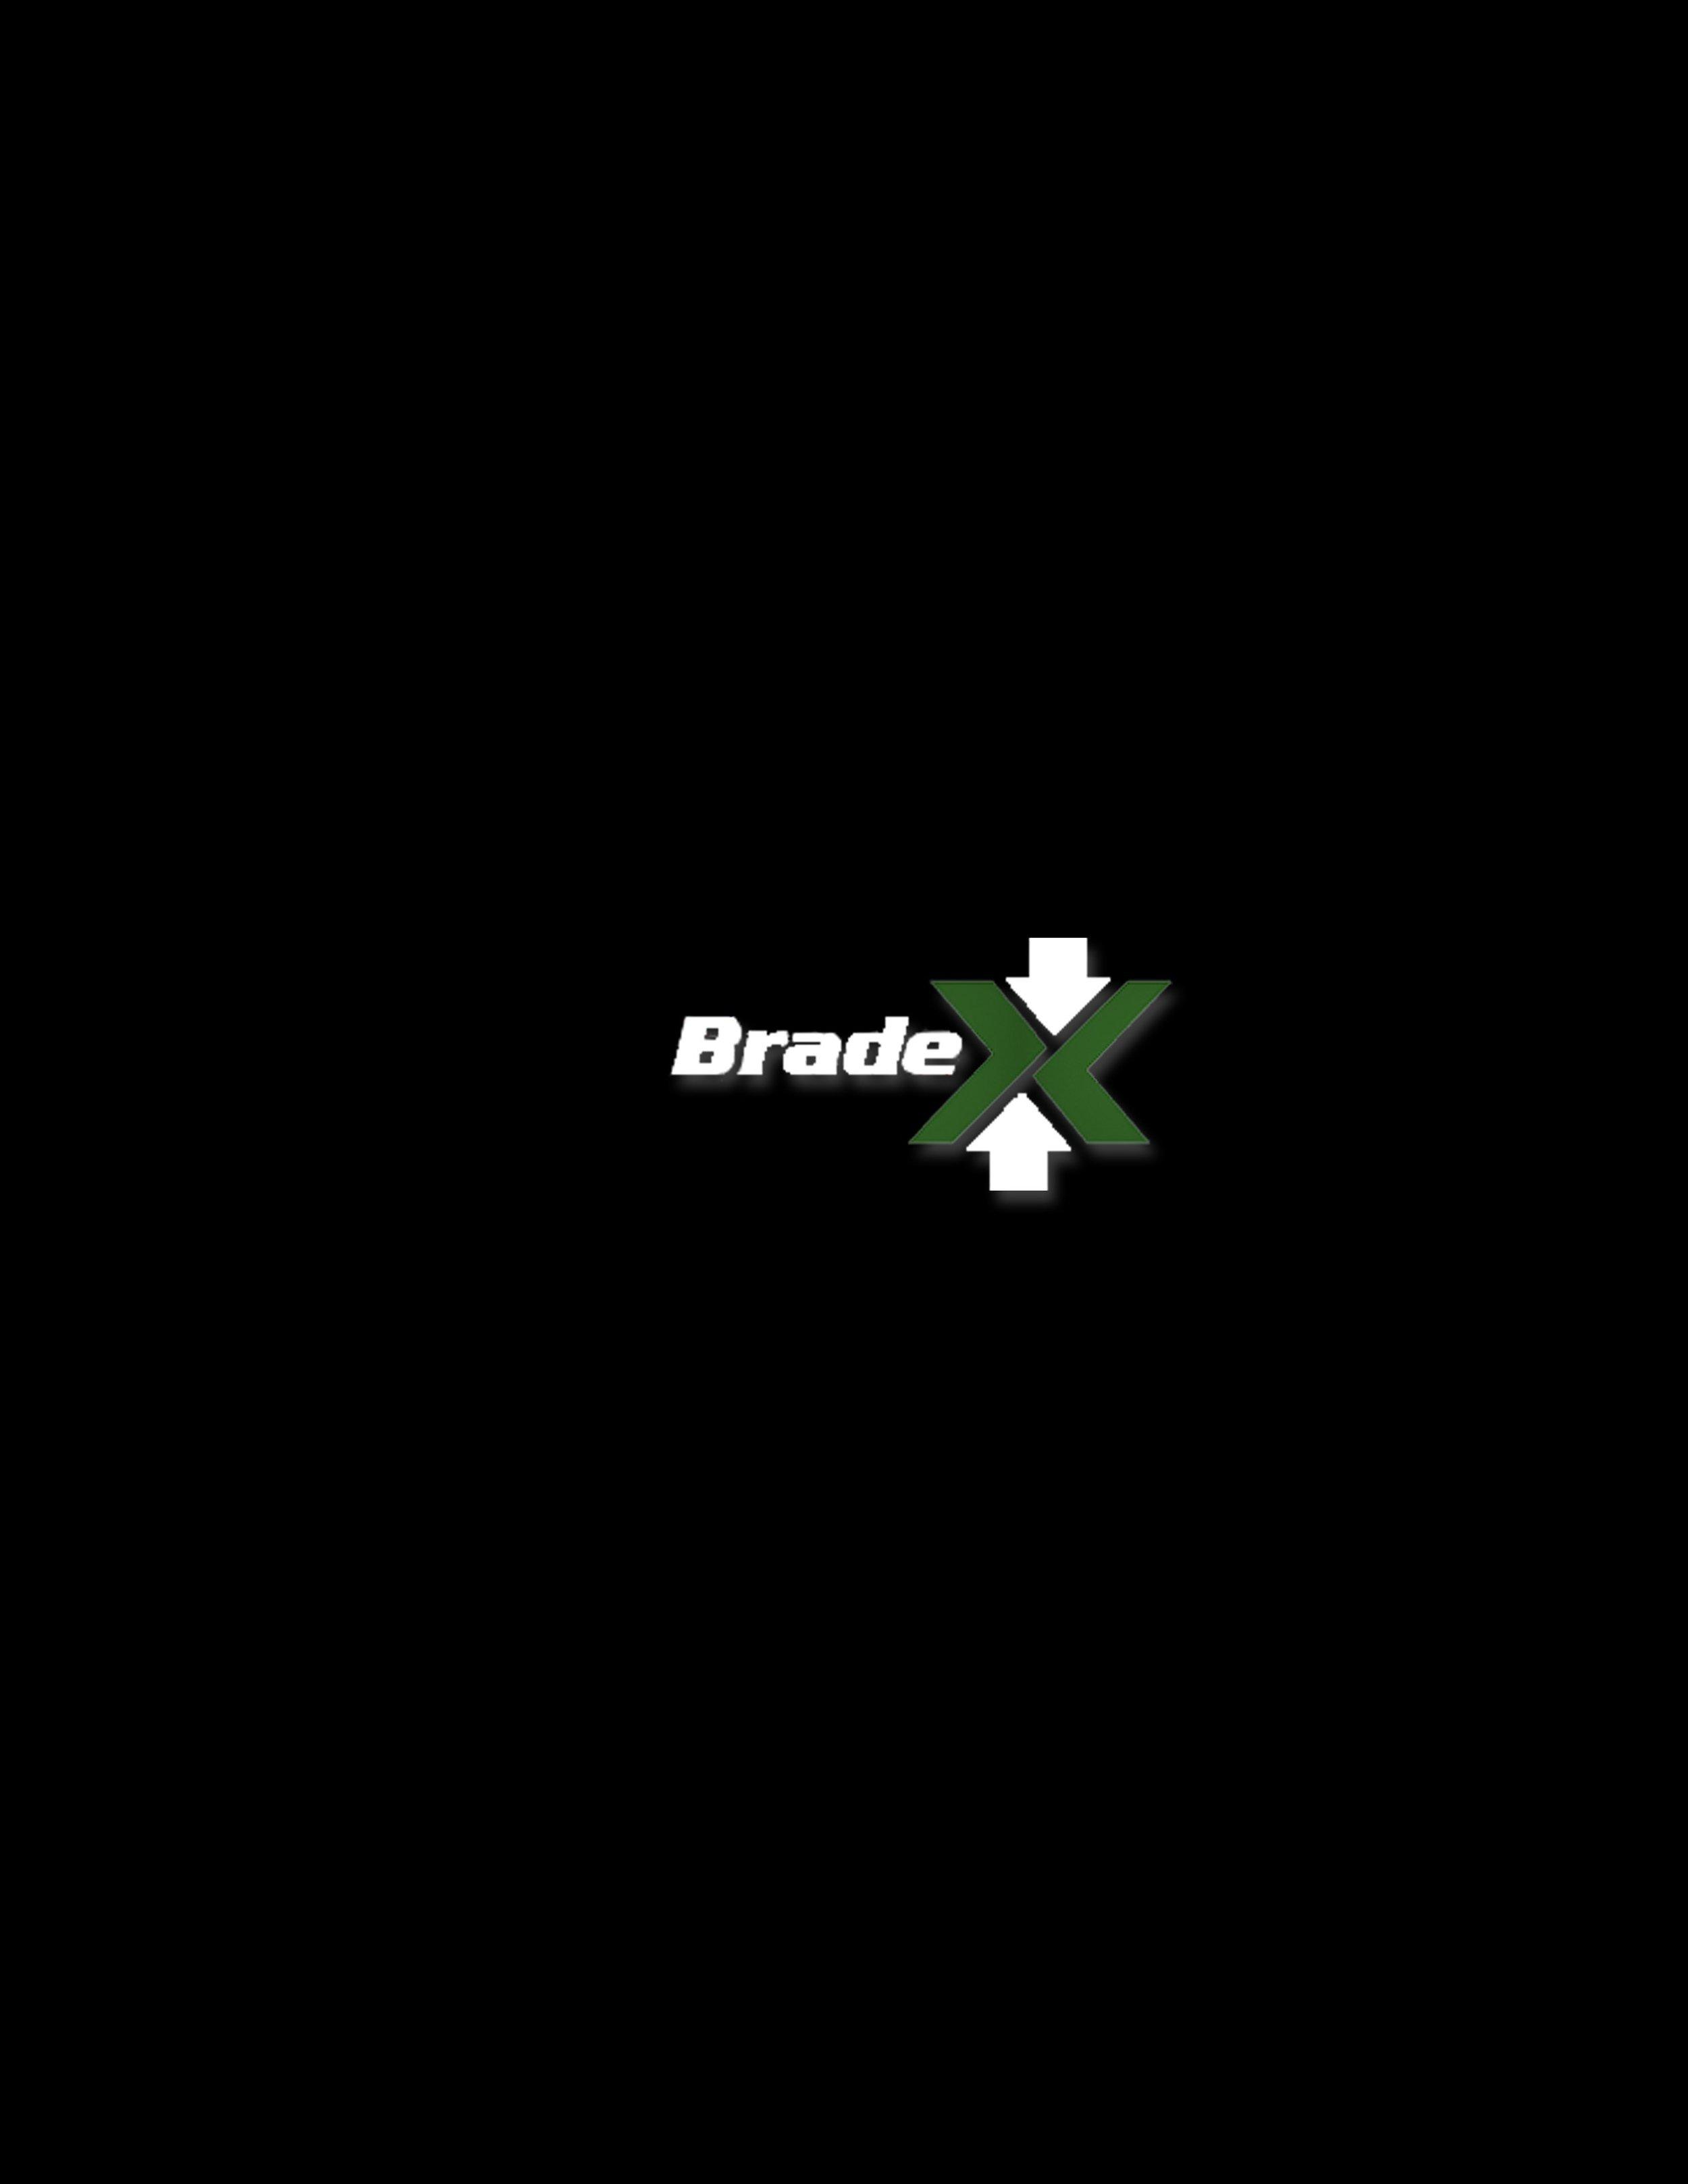 Bradexlogo black.jpg